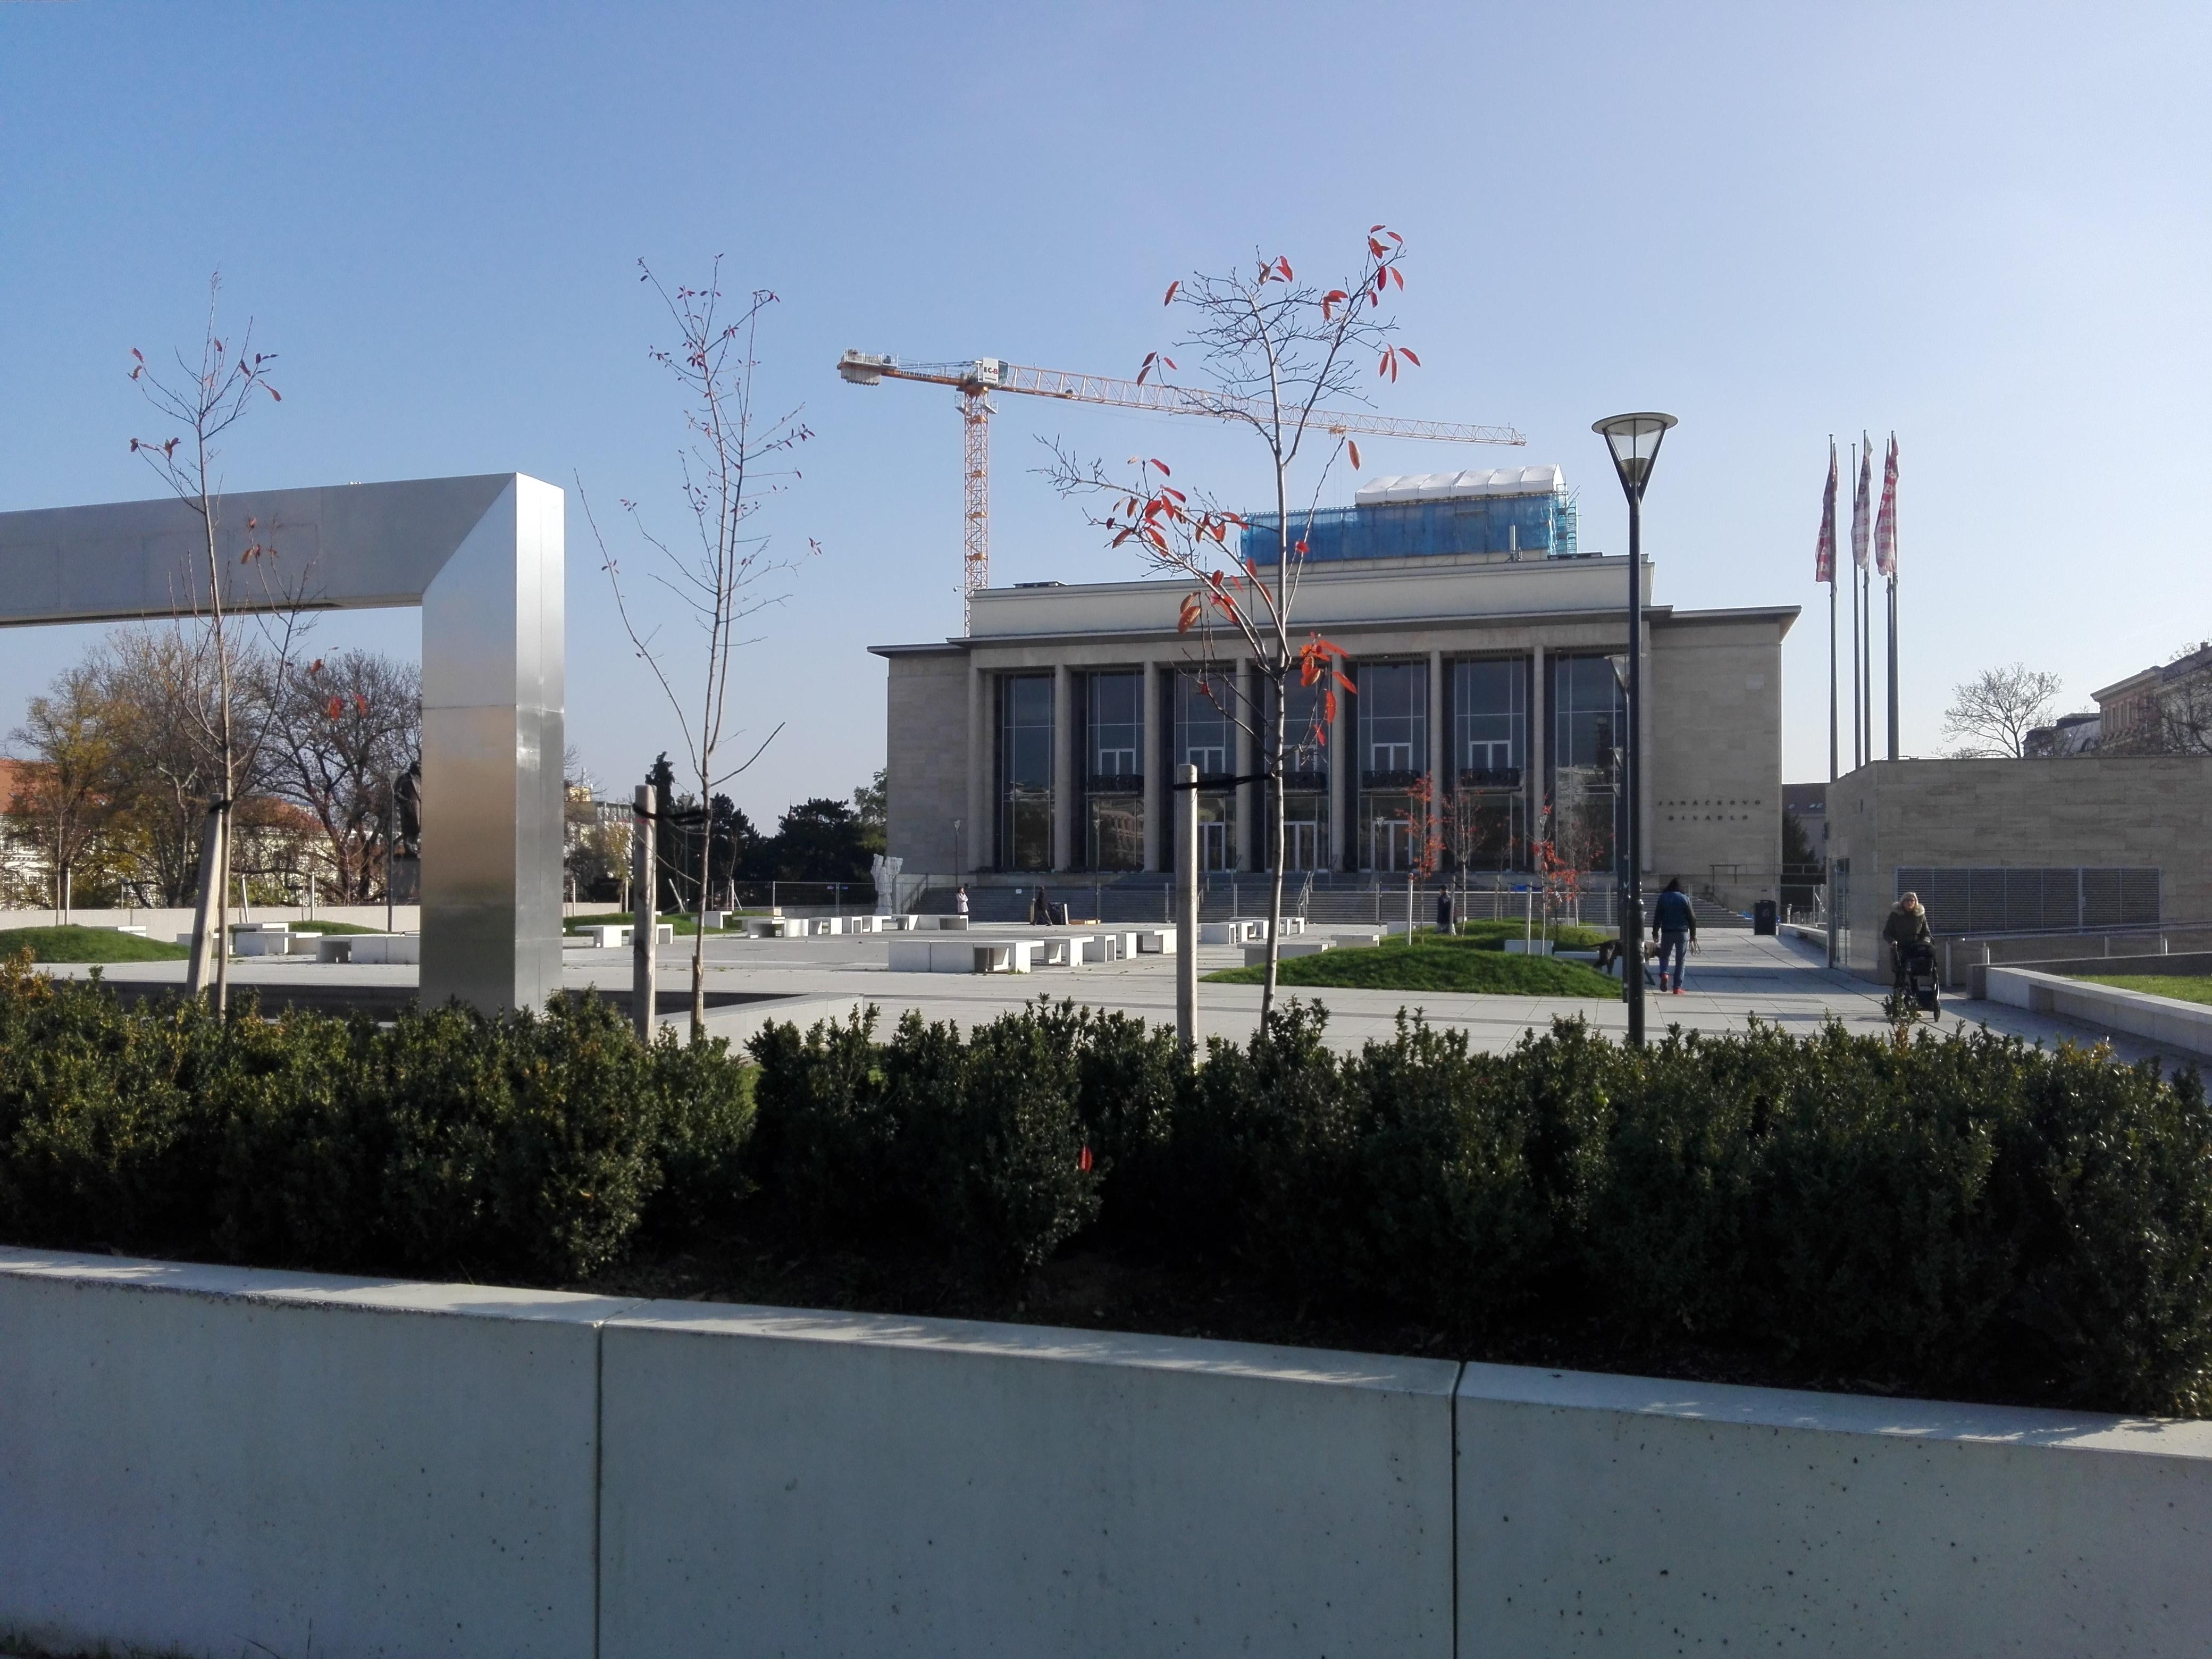 Ilustrační foto: Janáčkovo divadlo je uzavřeno kvůli rekonstrukci. Autor: Eliška Pavlíková